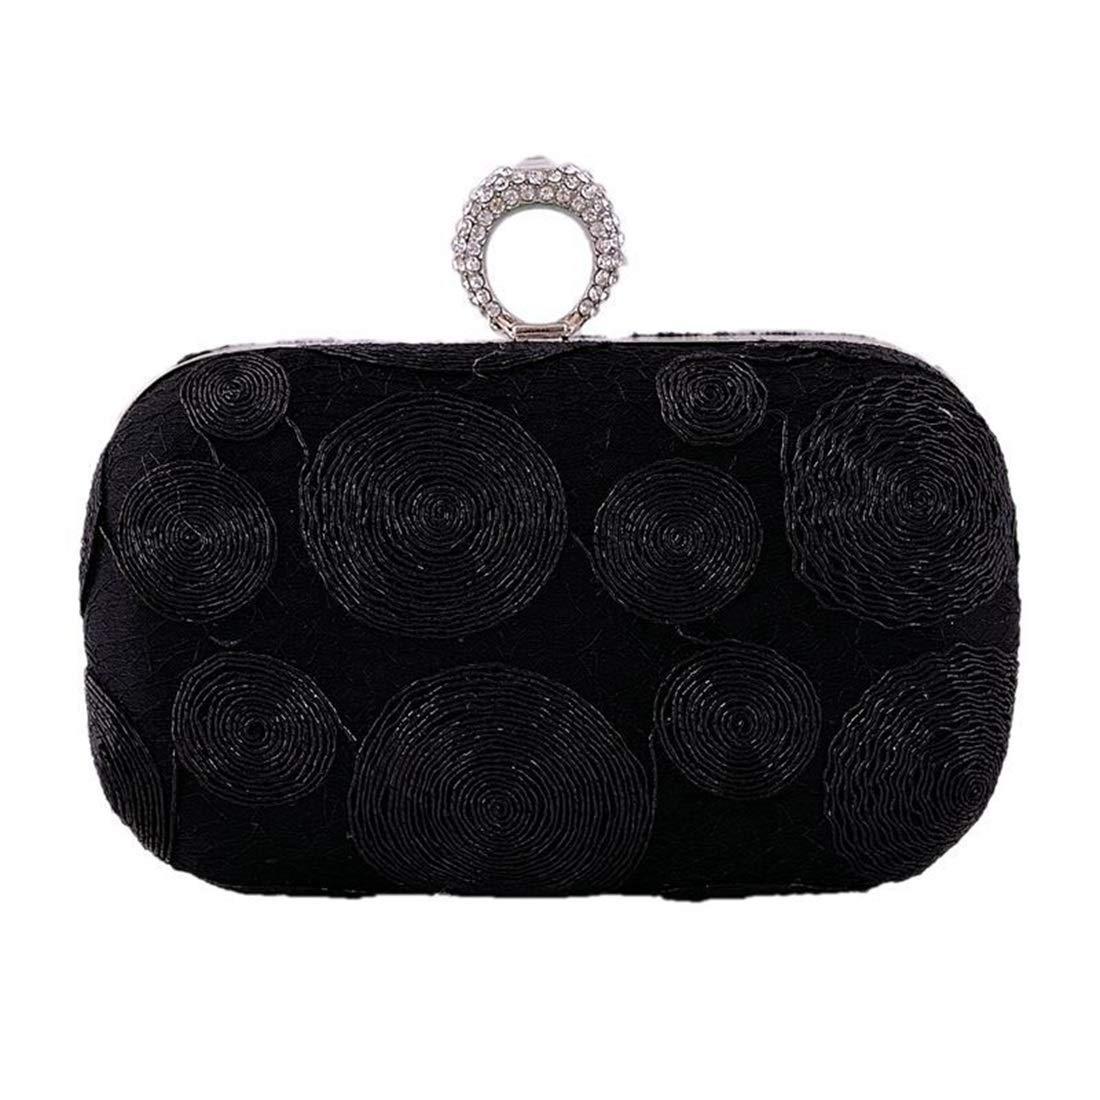 QWhing Abend Clutch Bag Damen Clutch Handtasche Tasche Tasche Tasche Abend Handtasche Tasche Lady Craft Umhängetasche Mini Small Cute Handtasche Handtasche B07Q1WR3HF Clutches Billig ideal 4e8cf8